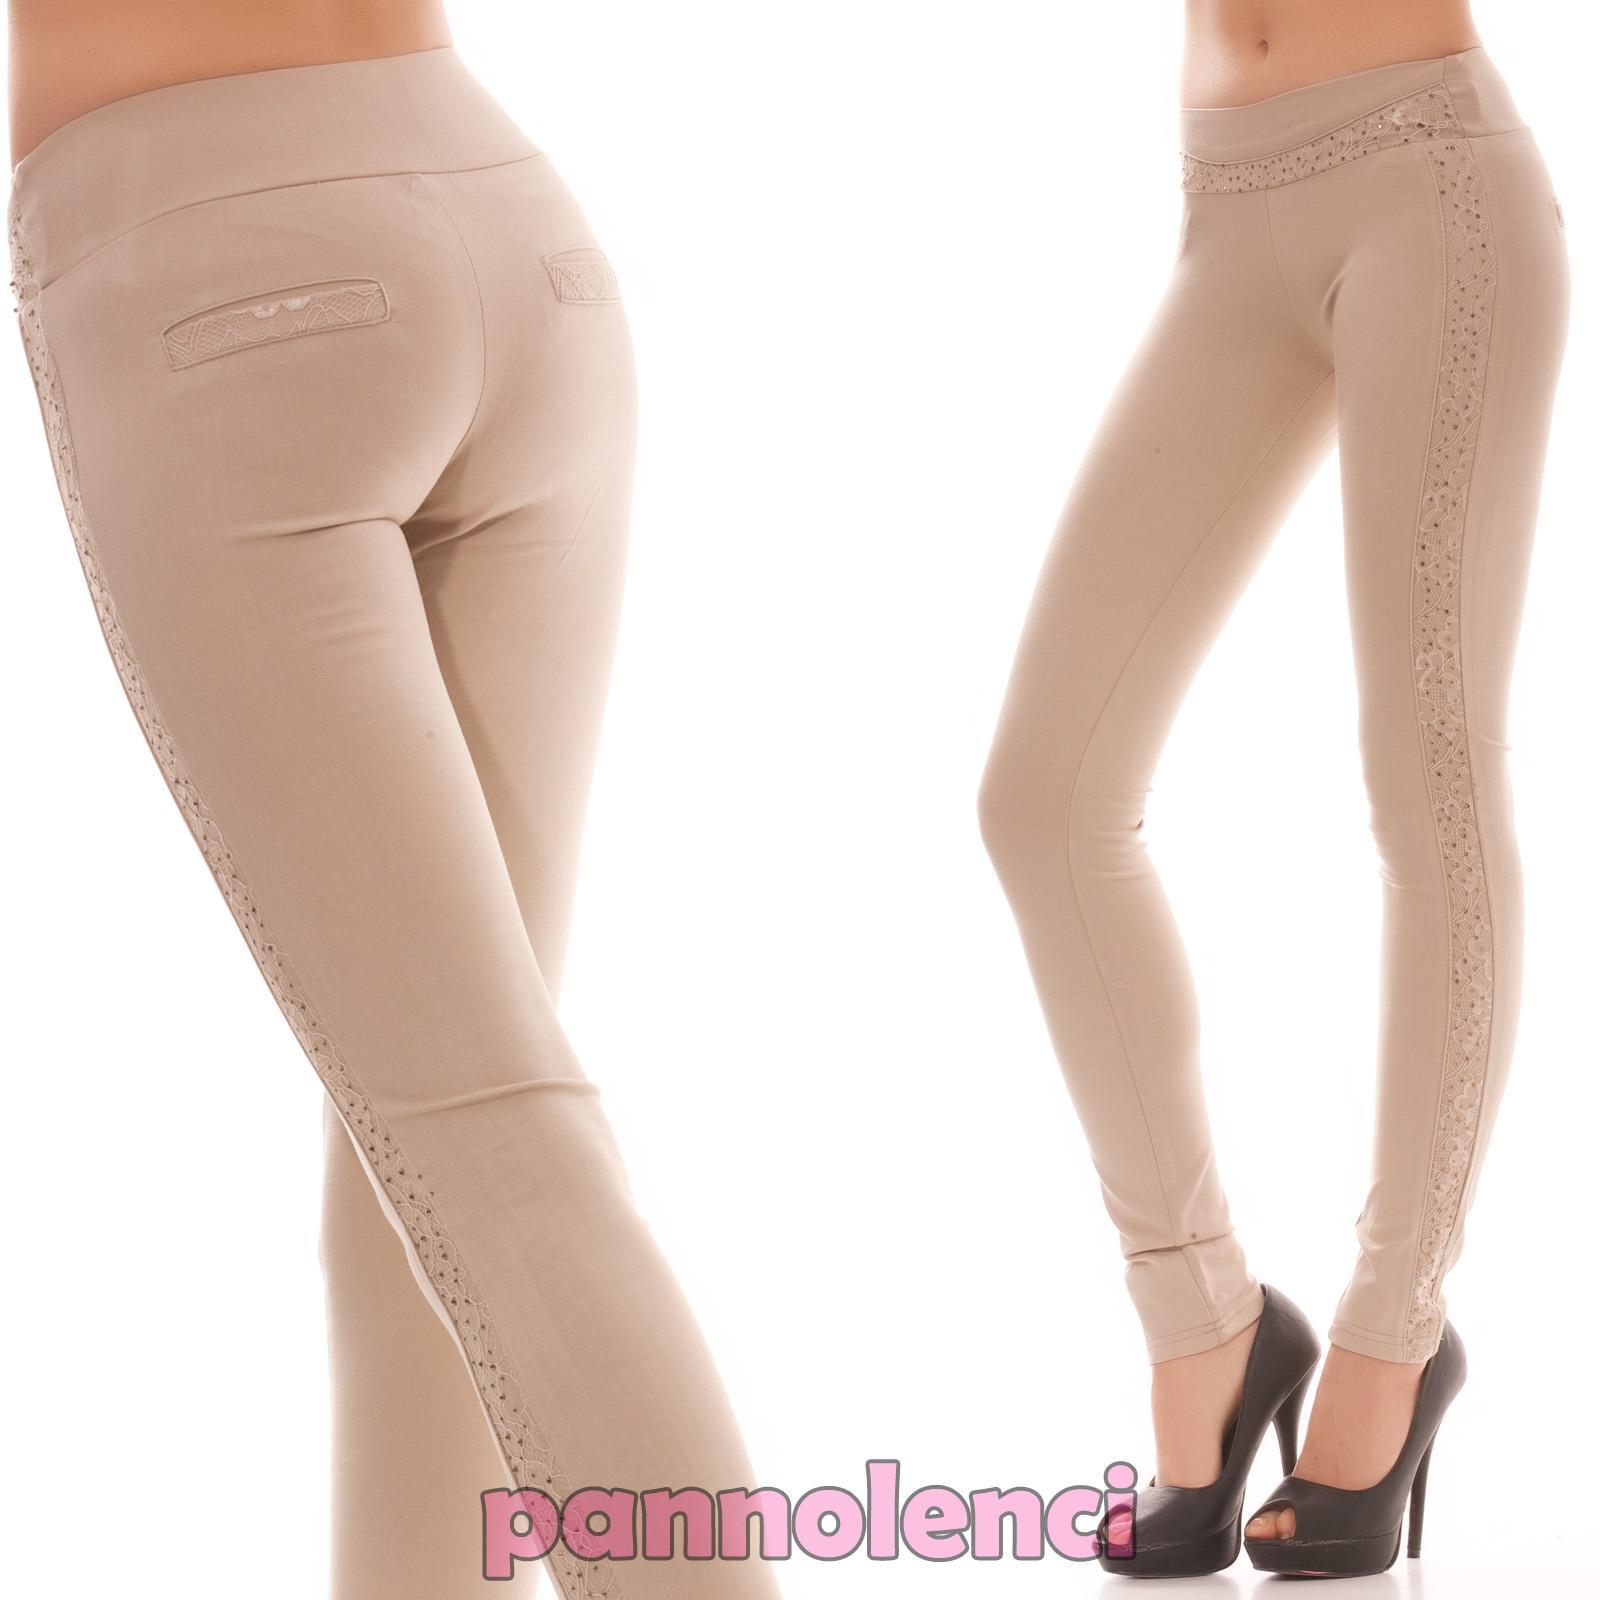 Pantalones-de-mujer-pitillo-estrechos-ajustado-eslasticos-strass-encaje-C6068